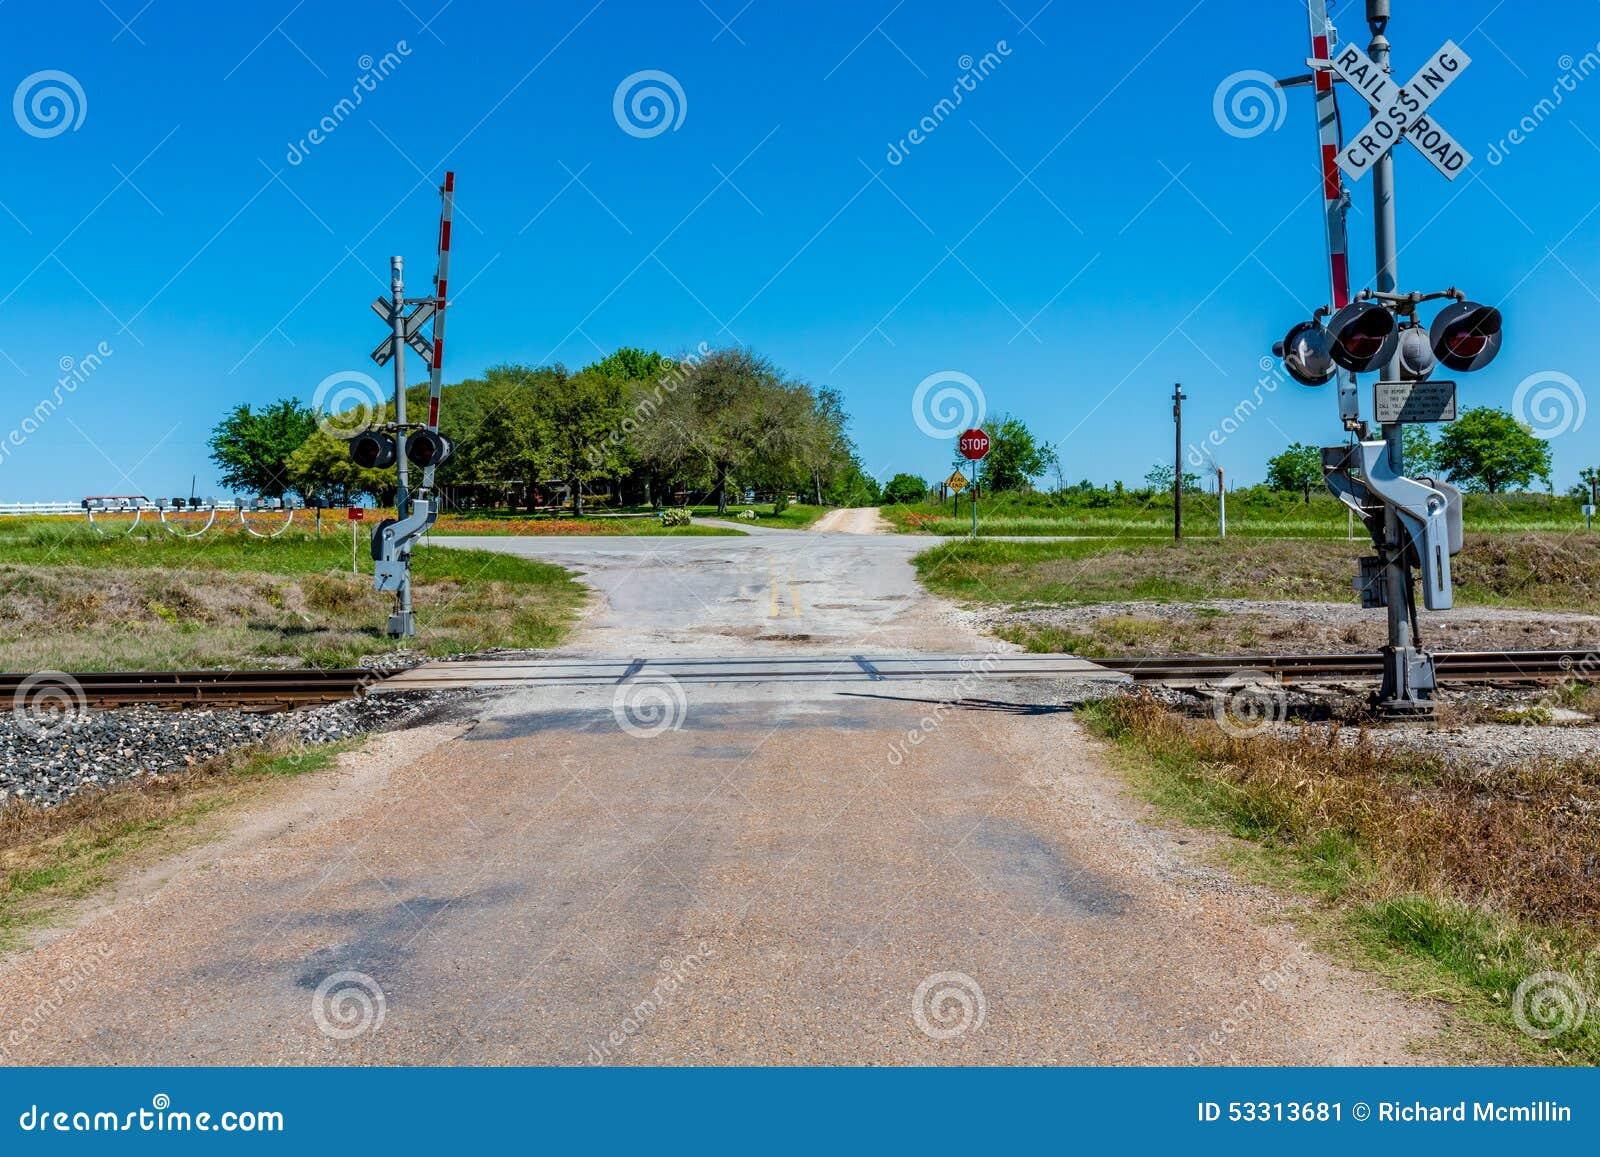 Travesía de ferrocarril en viejo Texas Country Road